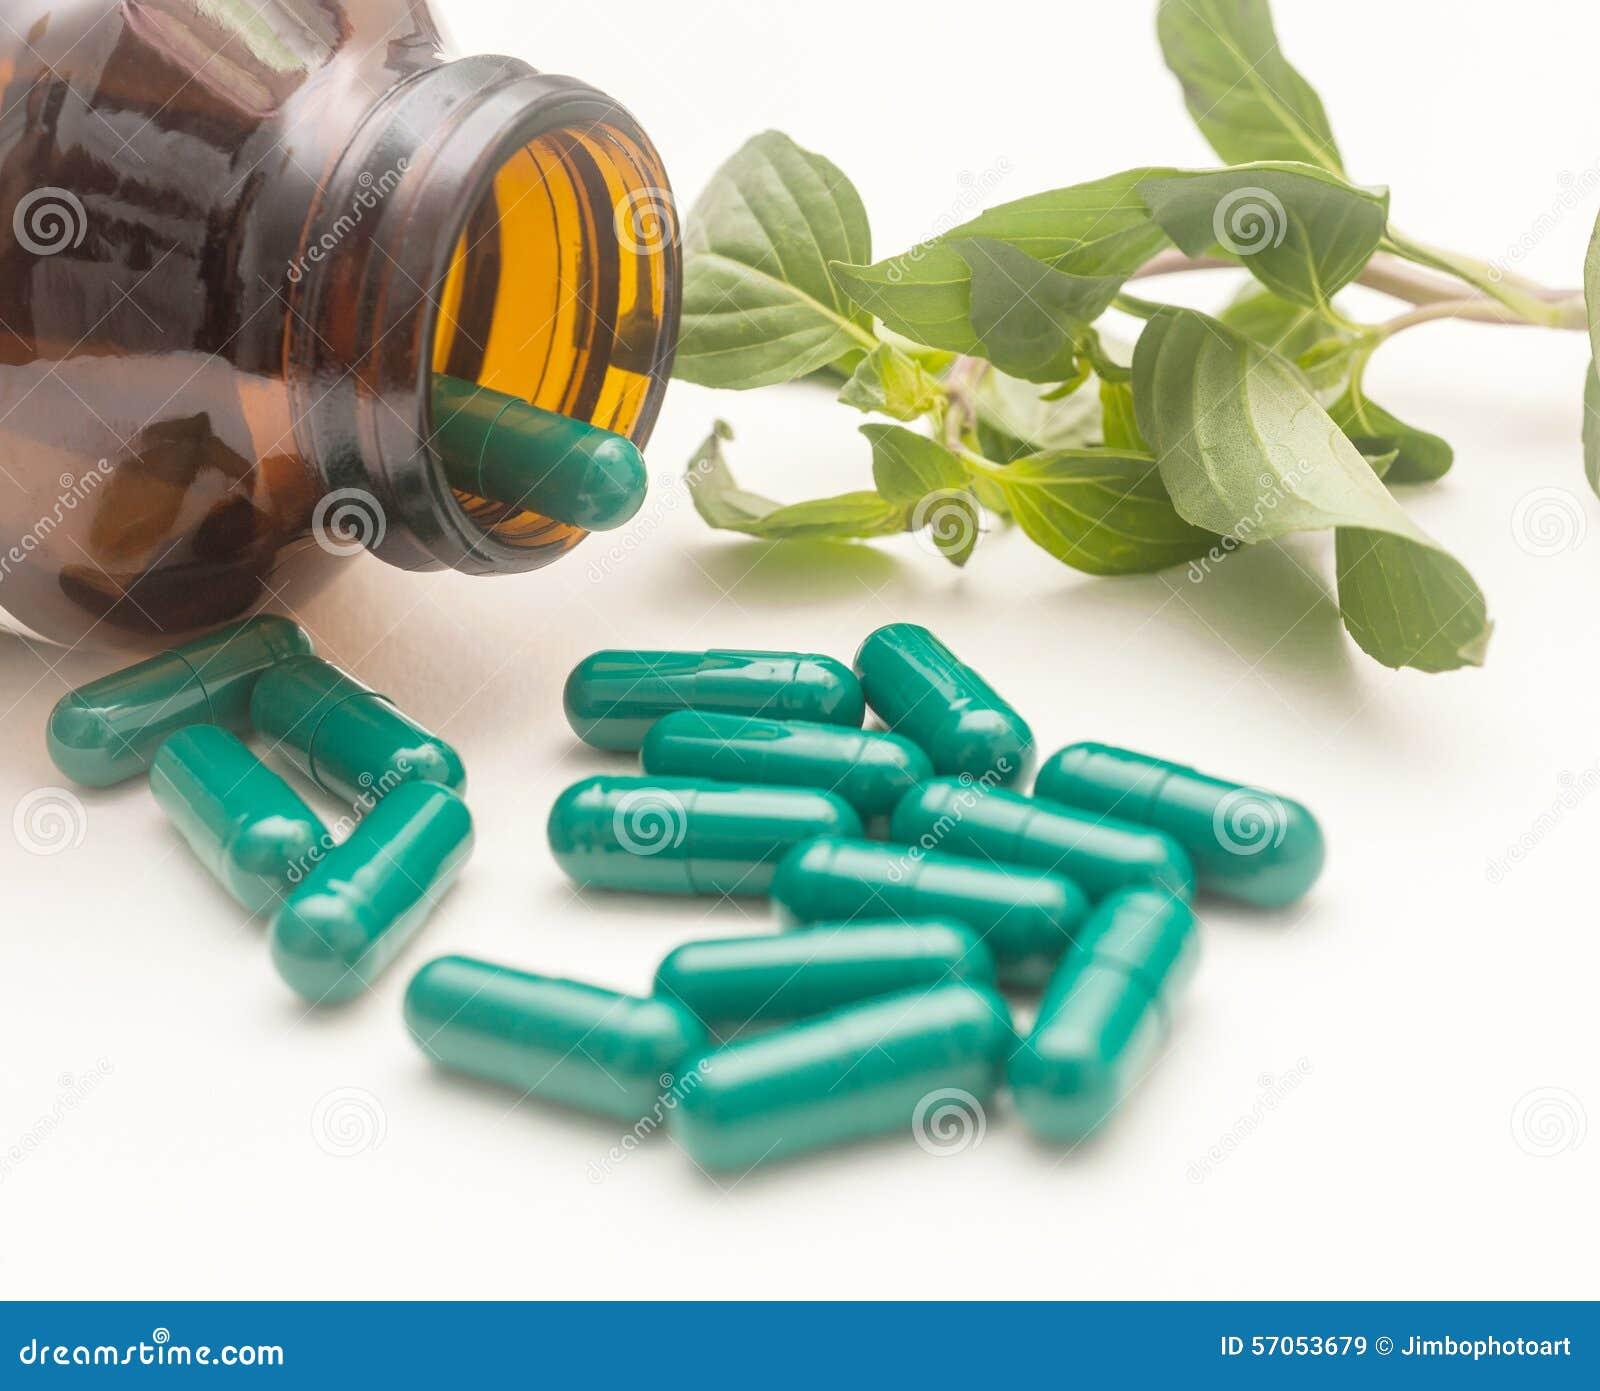 Kruid in groene capsule die uit een fles morsen